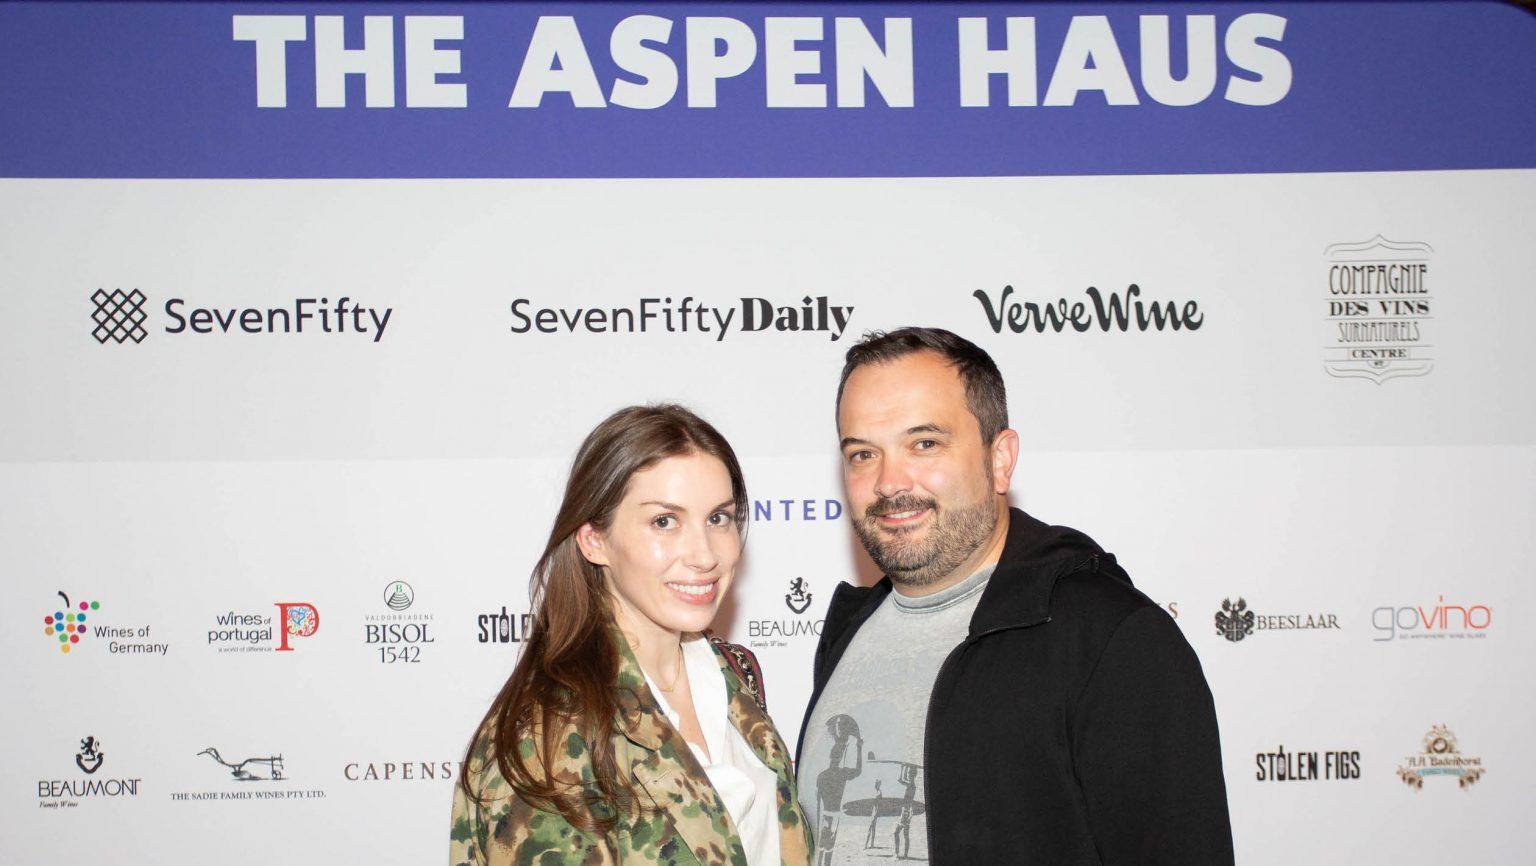 SevenFifty Aspen Haus 2019